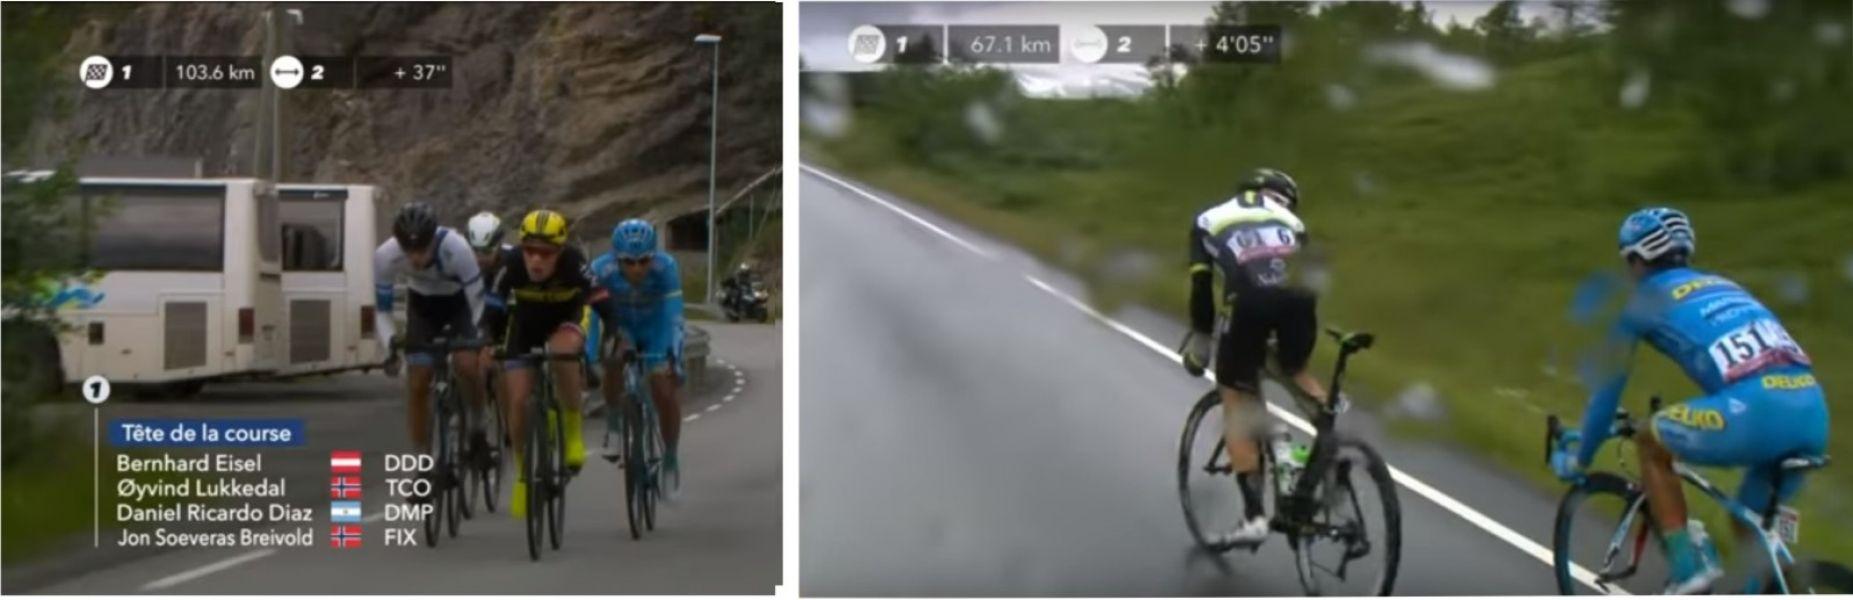 Imagen de la TV Eurosports, donde el salteño Daniel Díaz (151) fue gran protagonista durante 100 km en rutas de Noruega